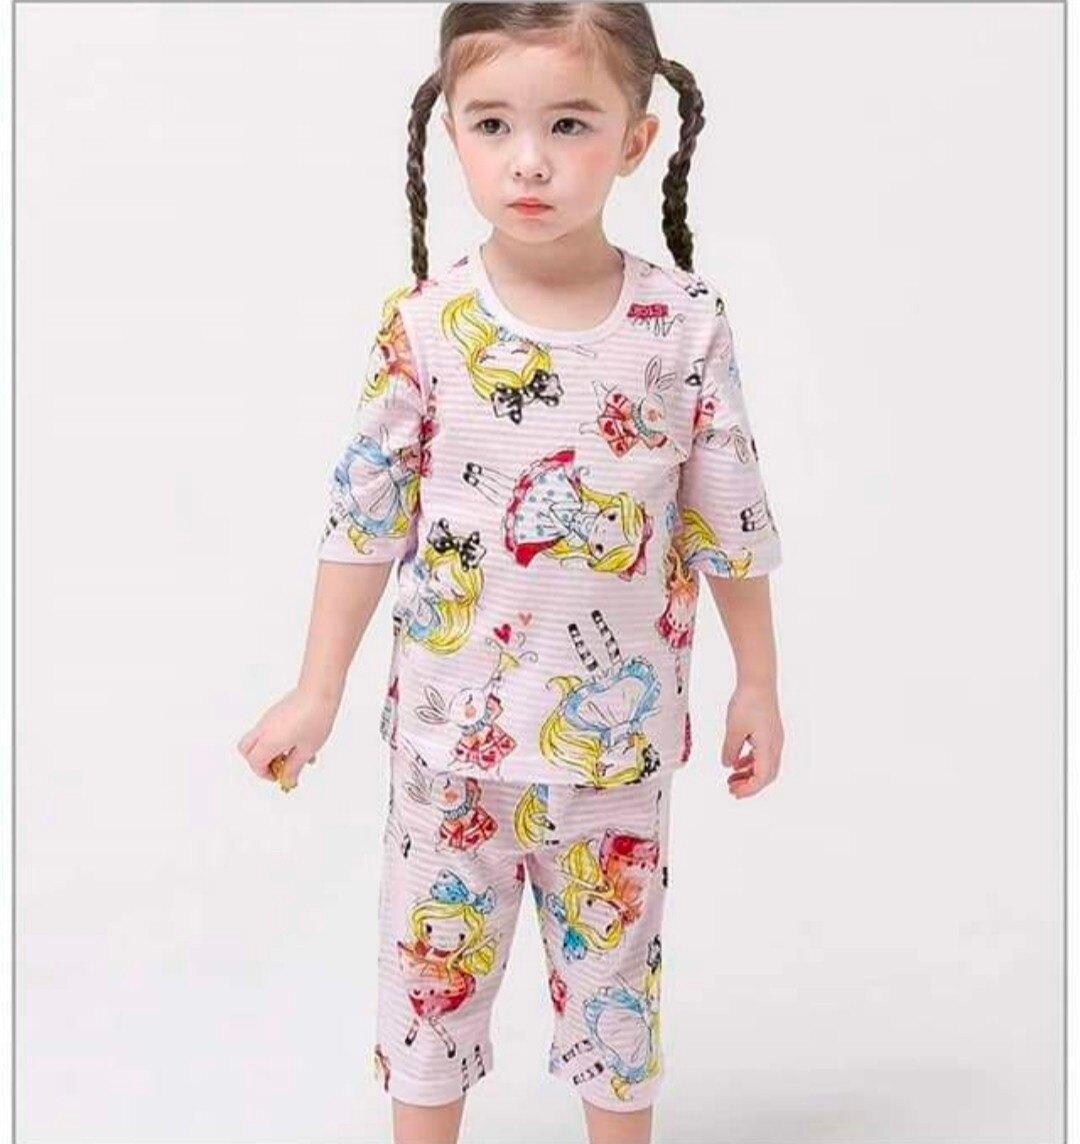 (現貨)正韓國純棉 Mellisse兒童居家服春夏款公主(七分袖)90-150cm 芒果姐姐童裝屋